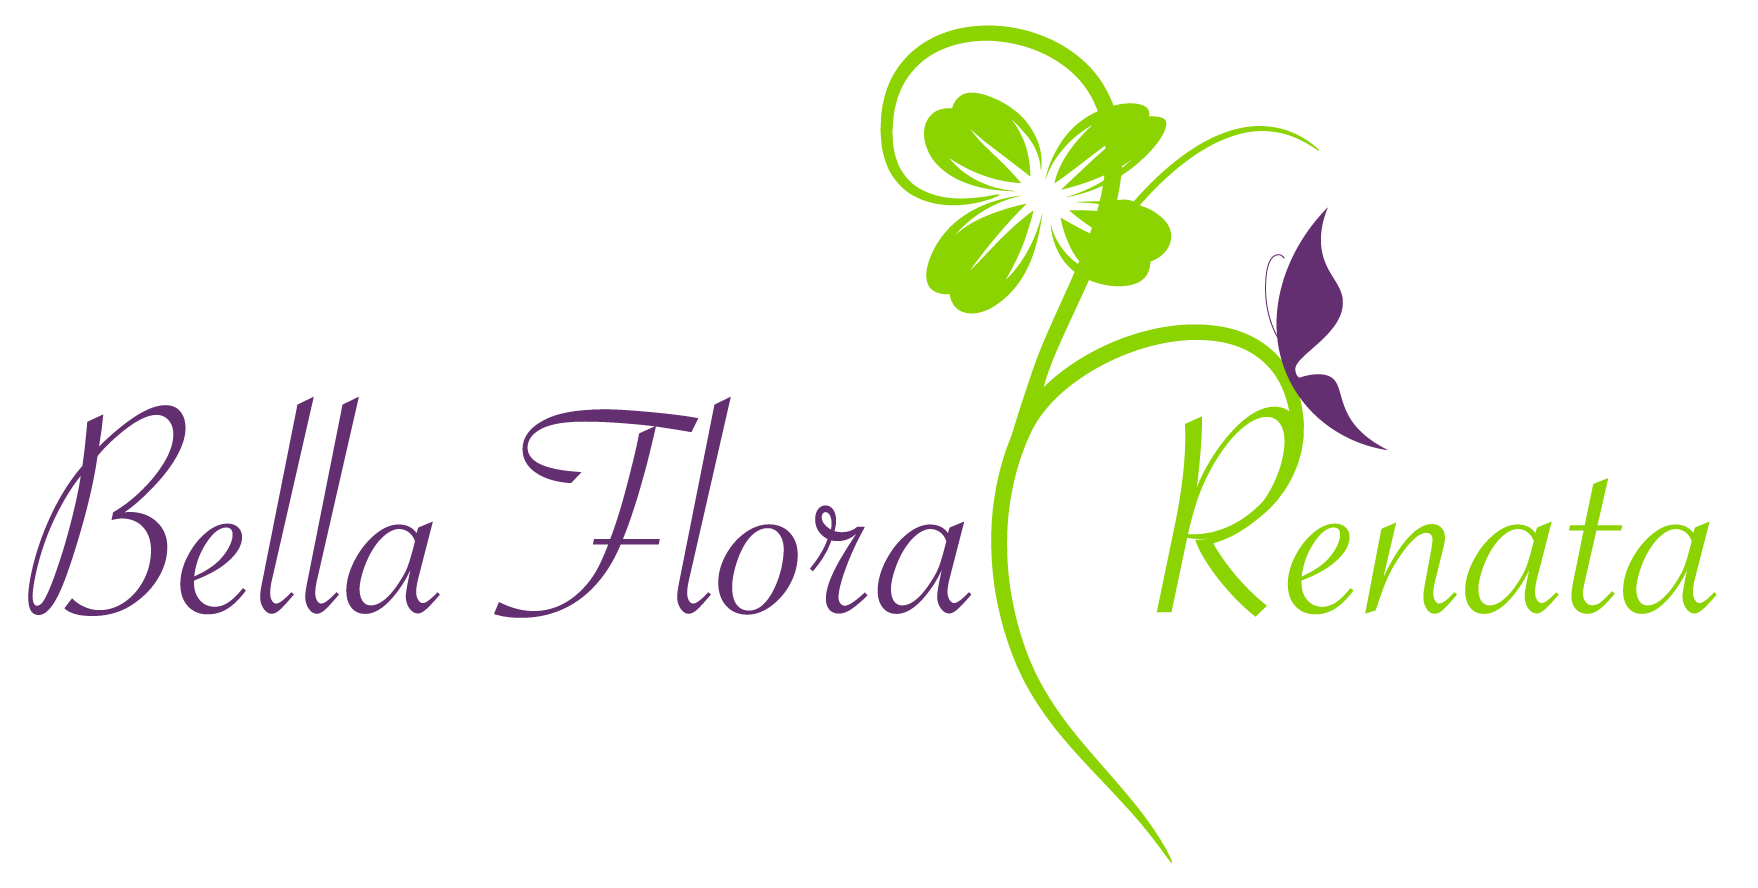 Bella Flora Renata